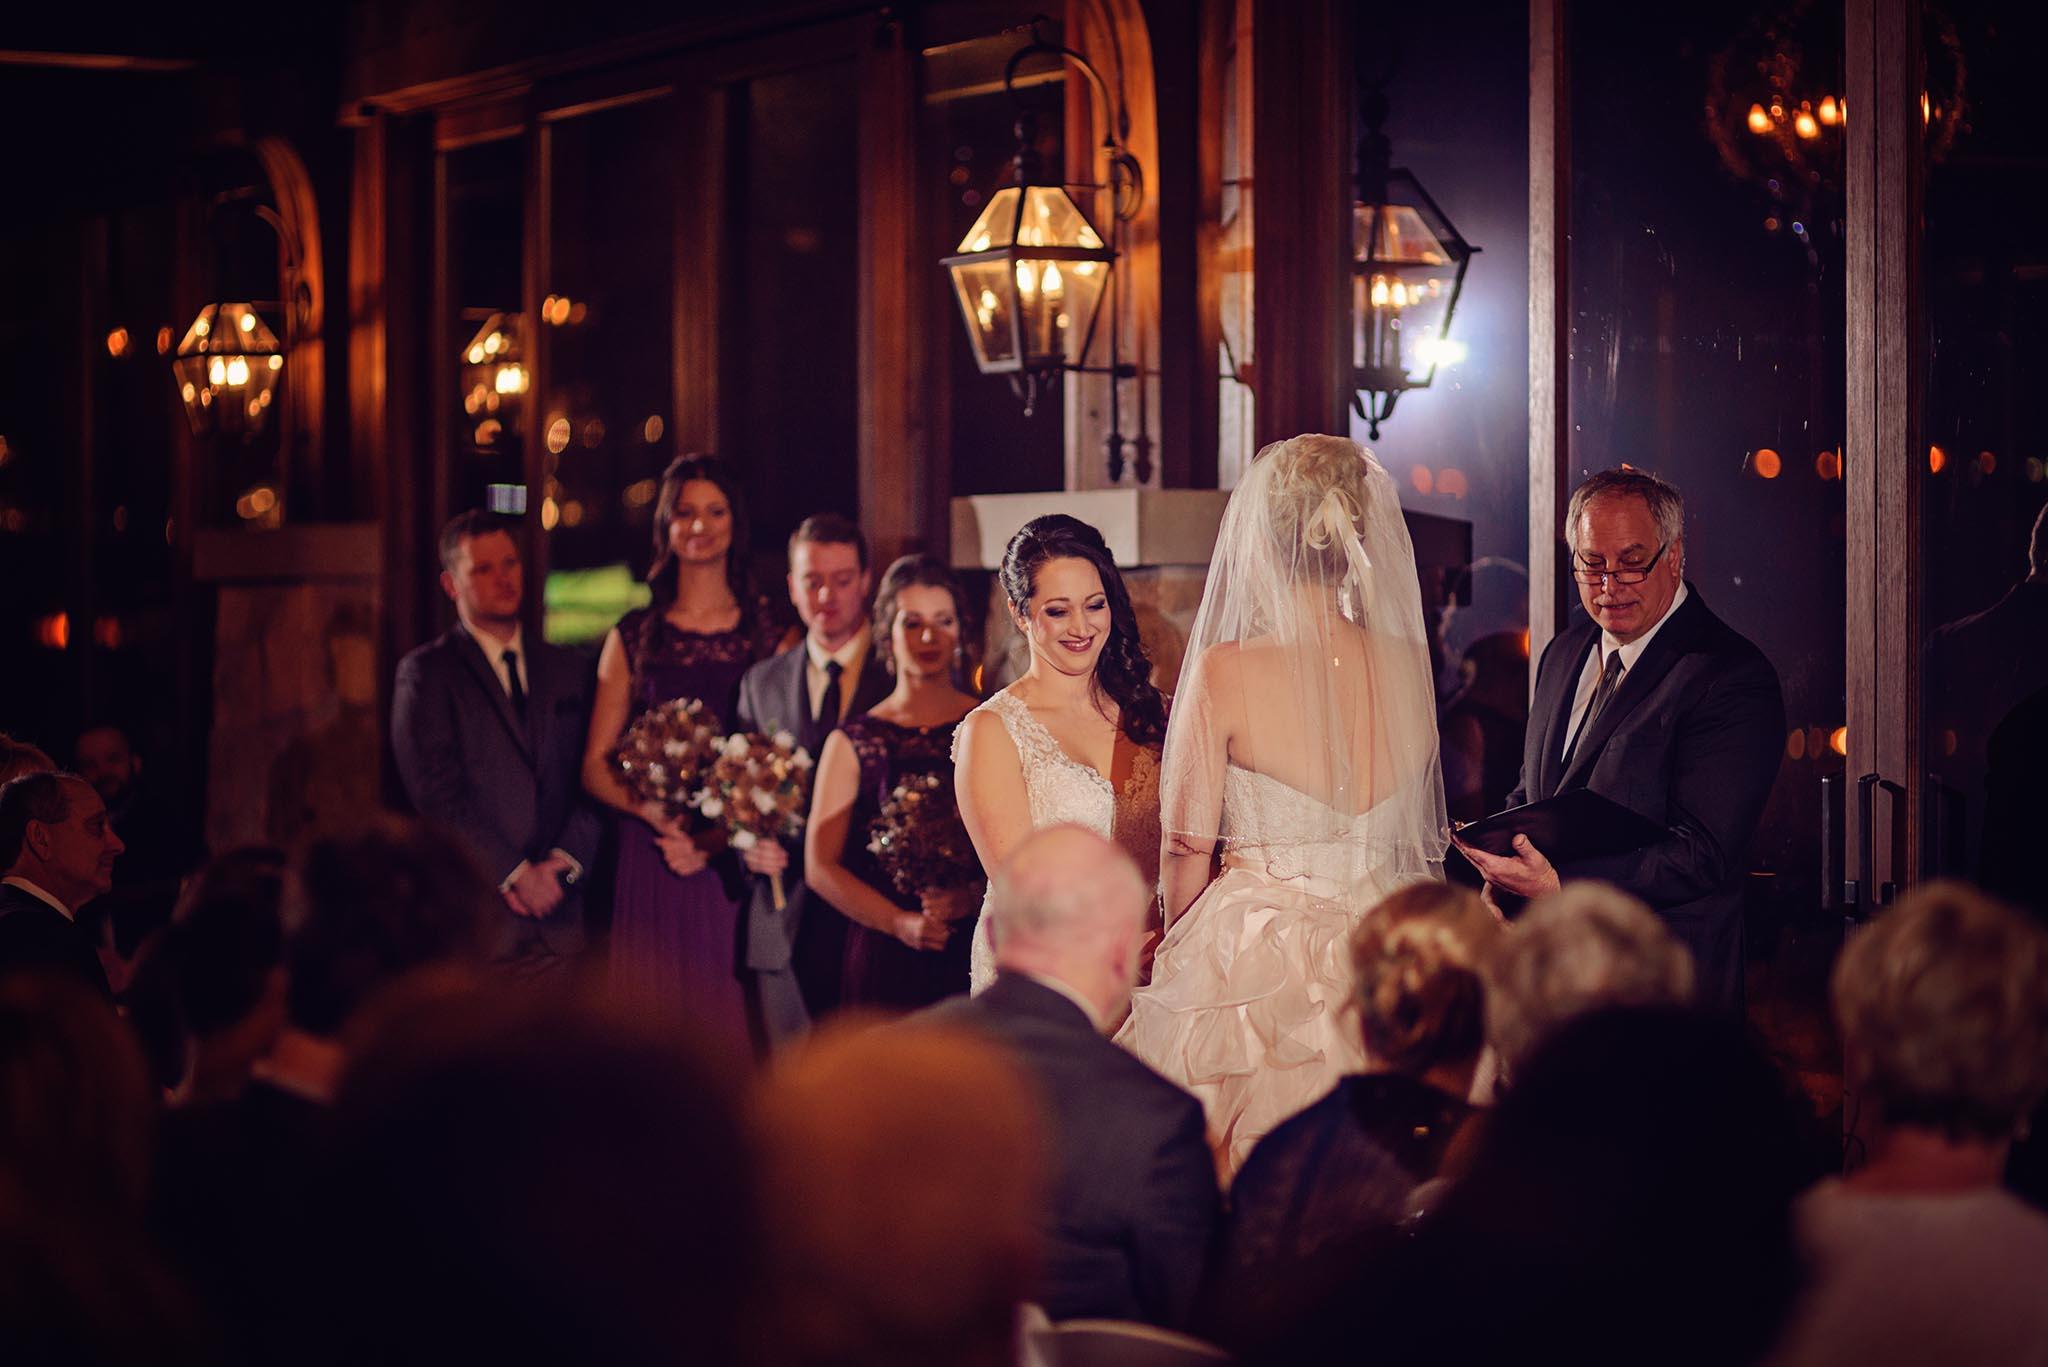 Peter-Bendevis-Photography-Kris-Laura-Cambridge-Mill-Winter-Wedding17